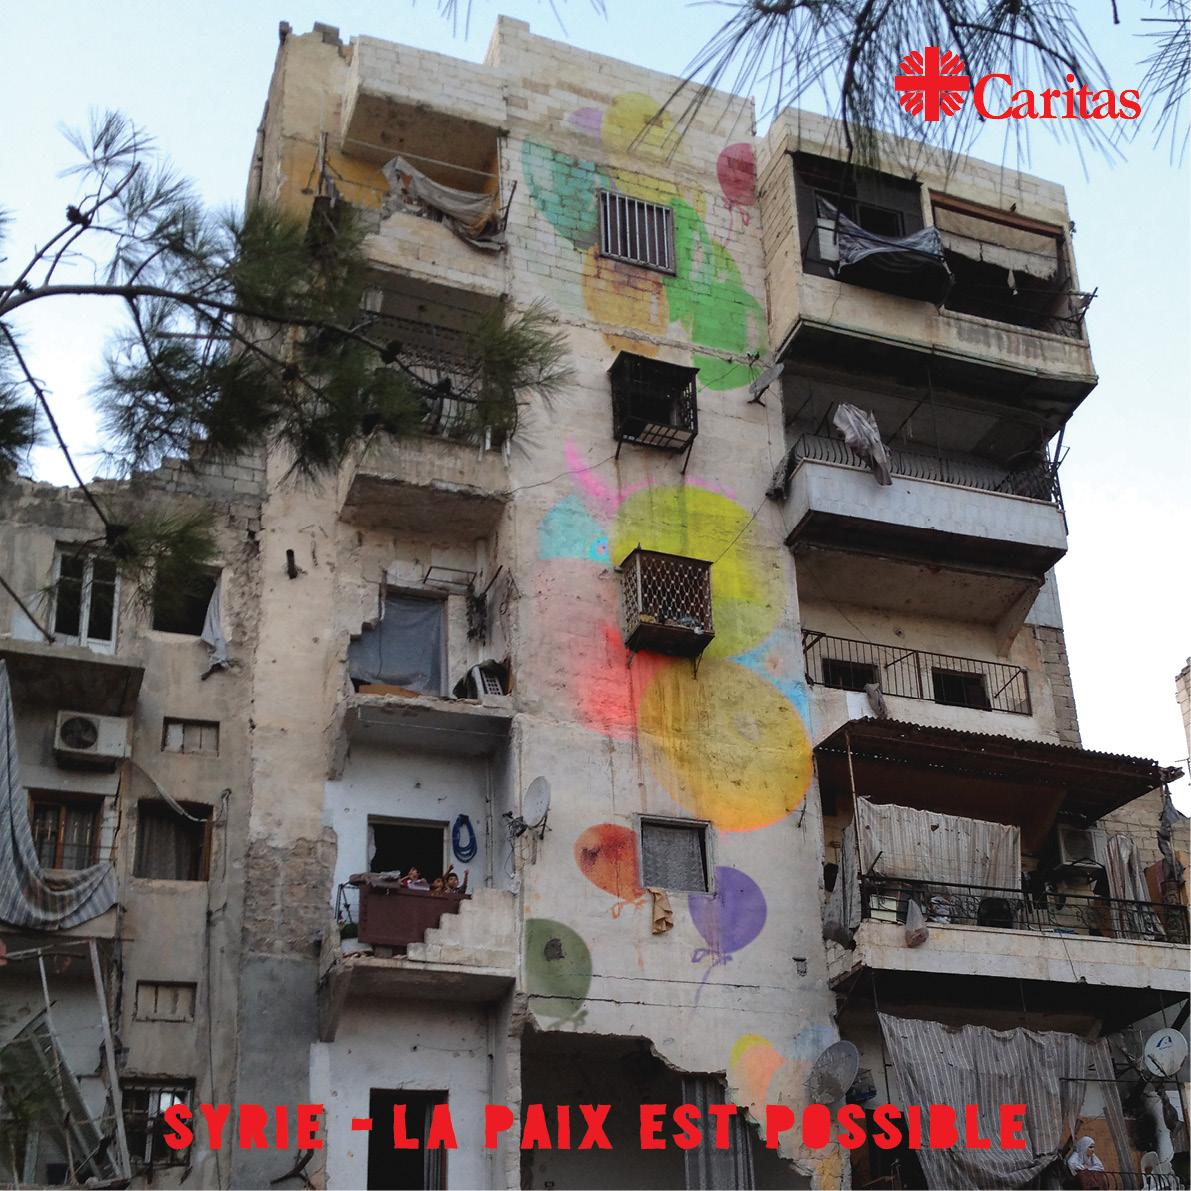 Rejoignez Caritas pour redonner paix, dignité et espoir aux Syriens. Caritas fait campagne pour un terme immédiat aux violences et aux souffrances. Merci de nous rejoindre pour rendre la paix possible en Syrie. #PeacePossible4syria